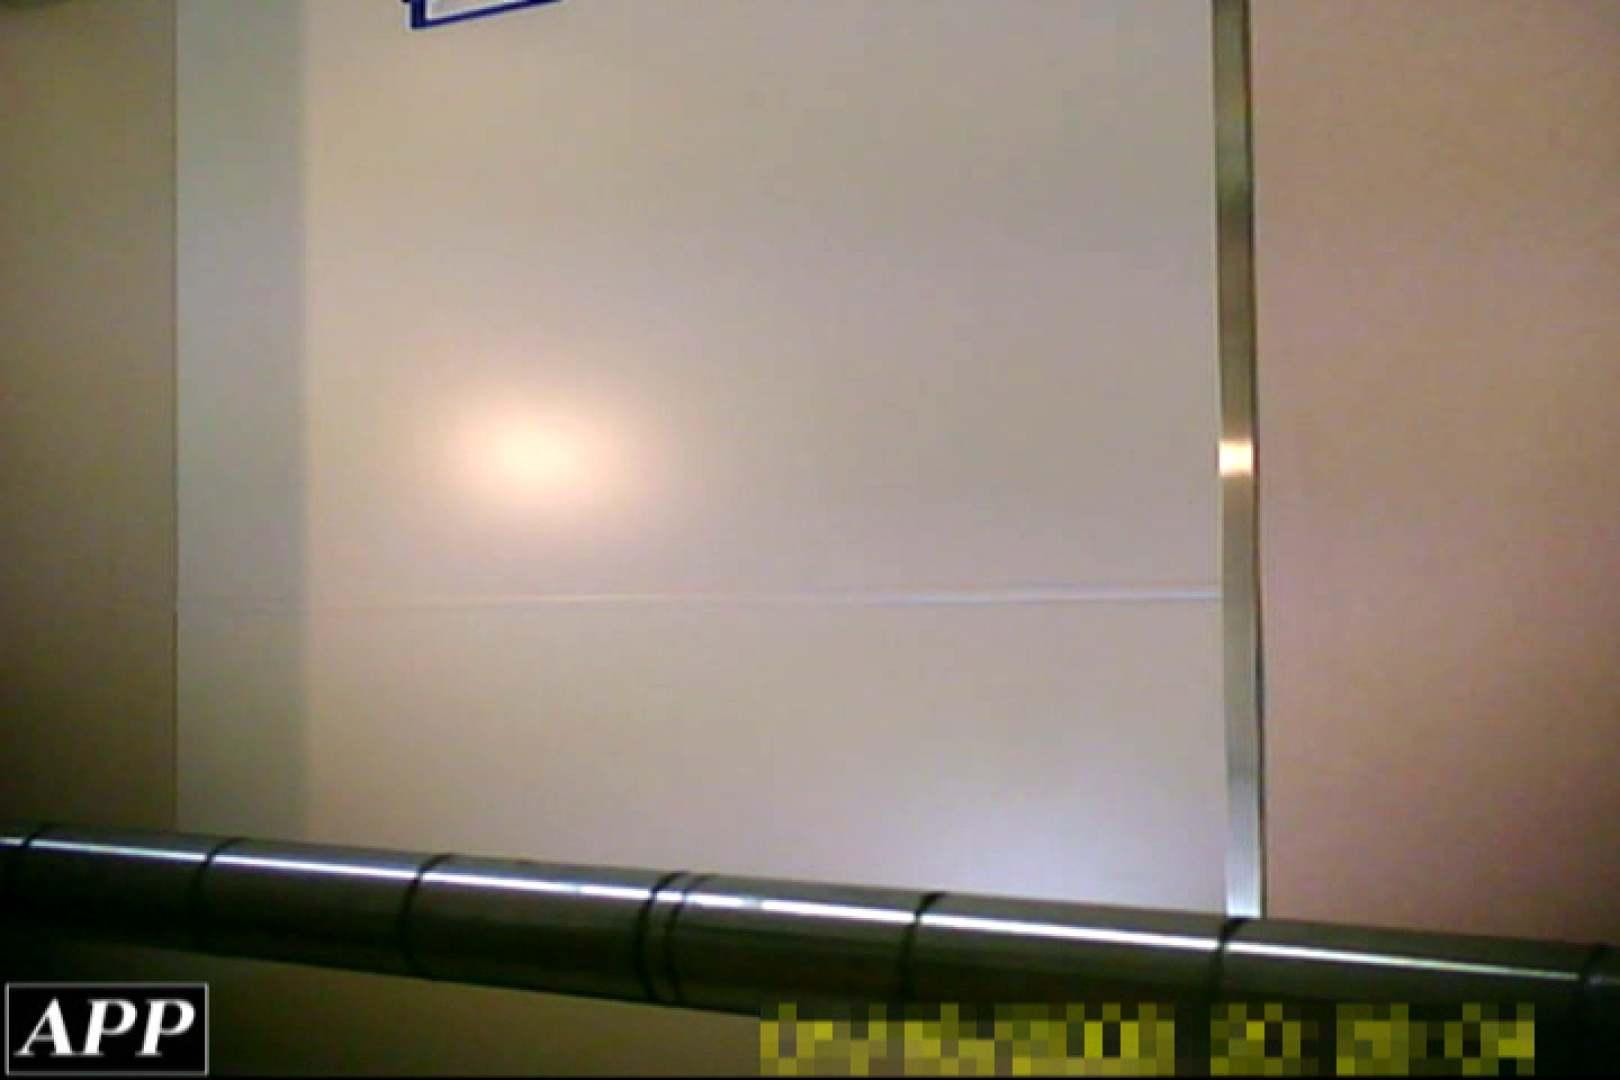 3視点洗面所 vol.118 OLの実態 盗み撮り動画キャプチャ 68pic 20